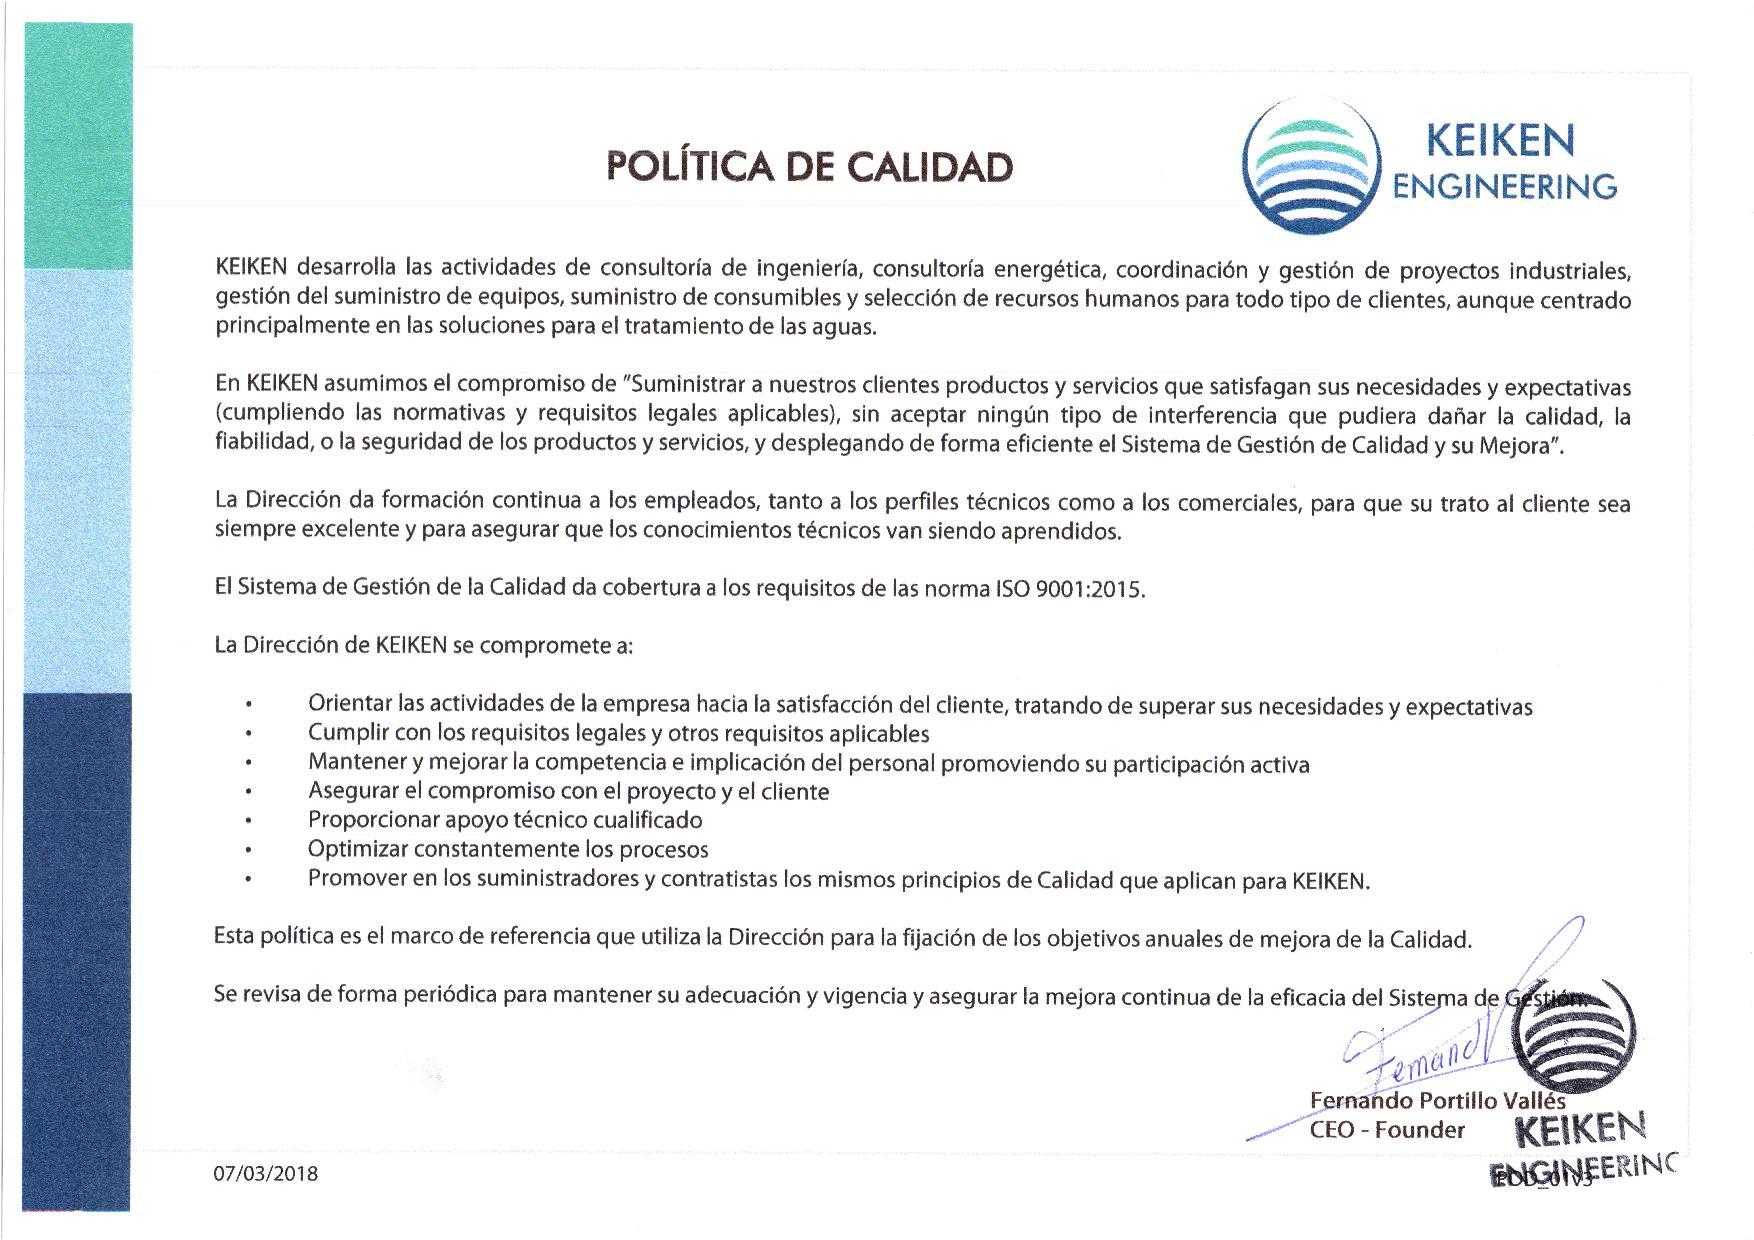 Política de calidad Rev3-page-001 - Keiken Engineering